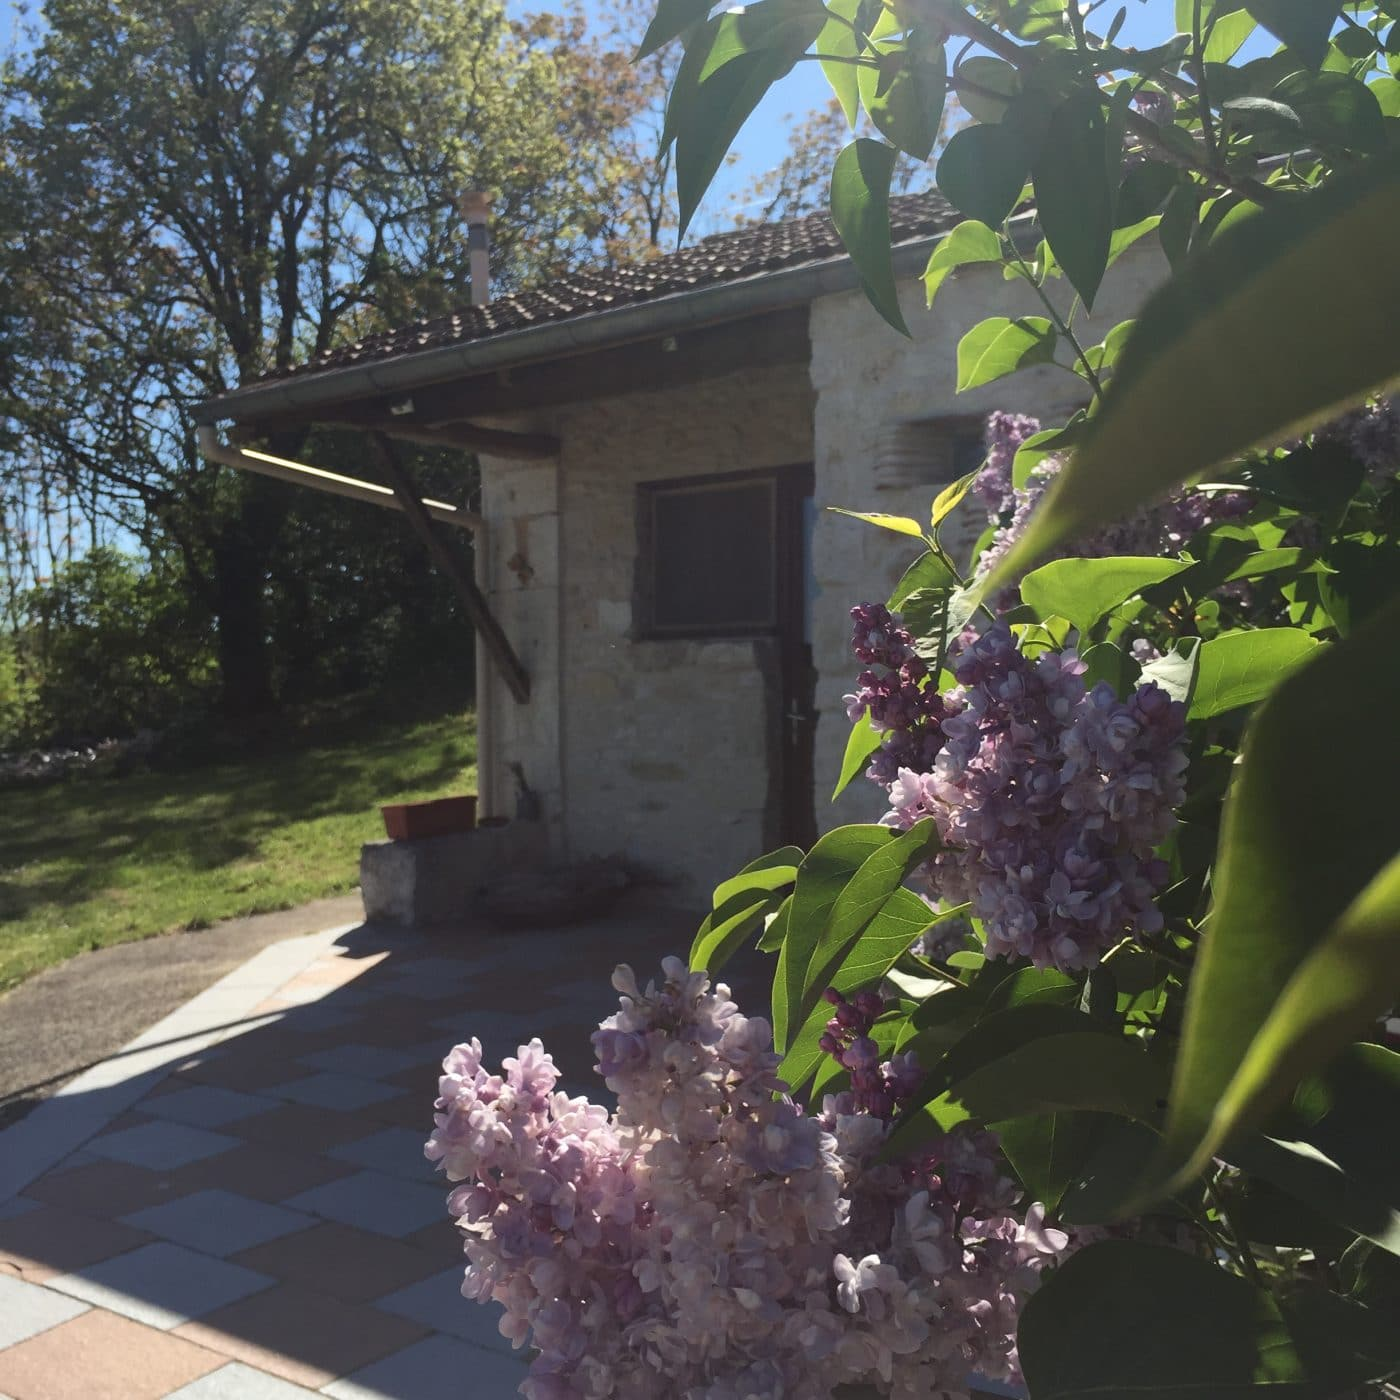 chambre d'hôte gîtes campagne vigne lot et garonne vallée